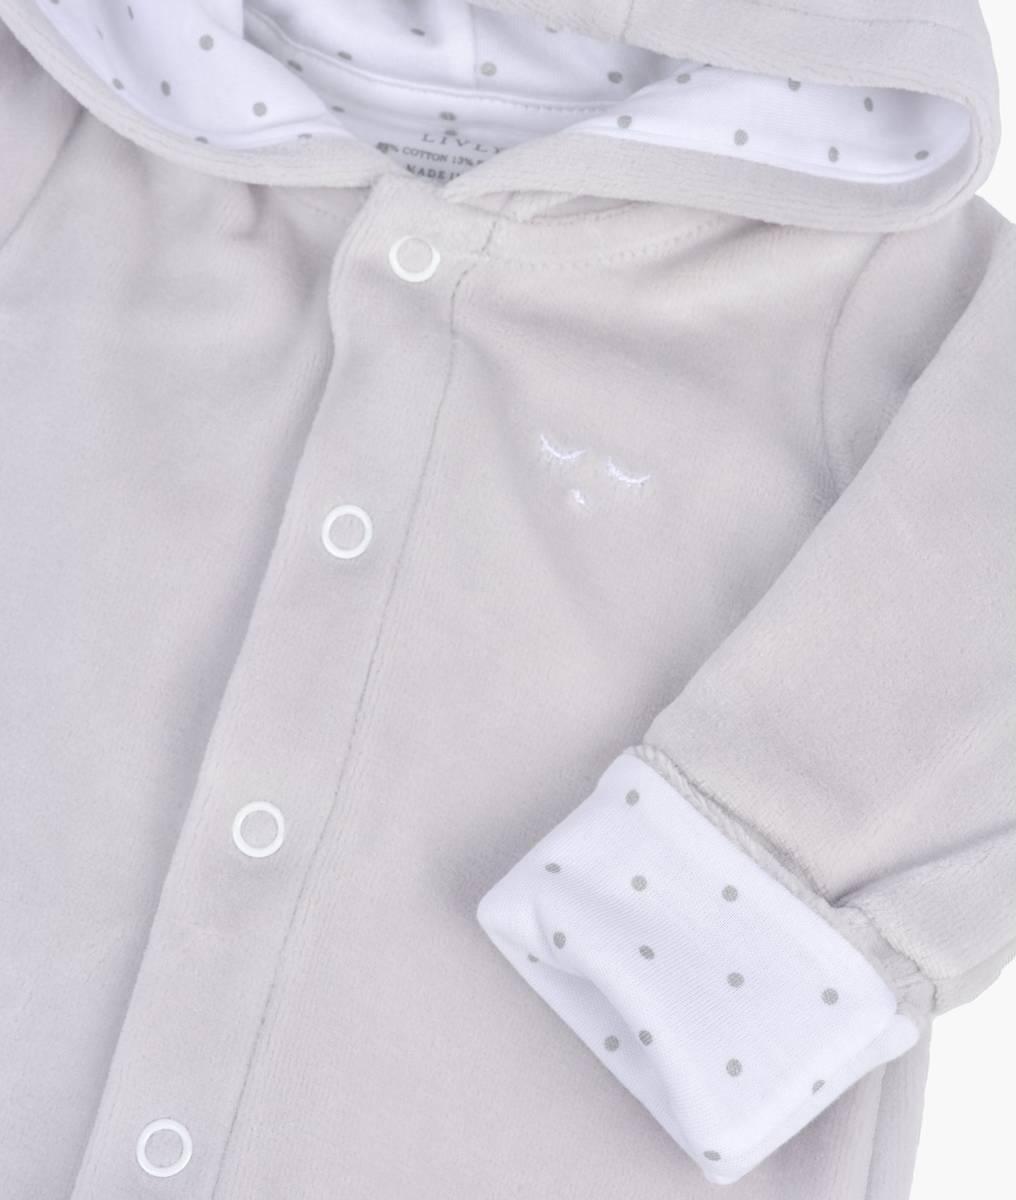 Livly - Plush Bunny Overall grey plush